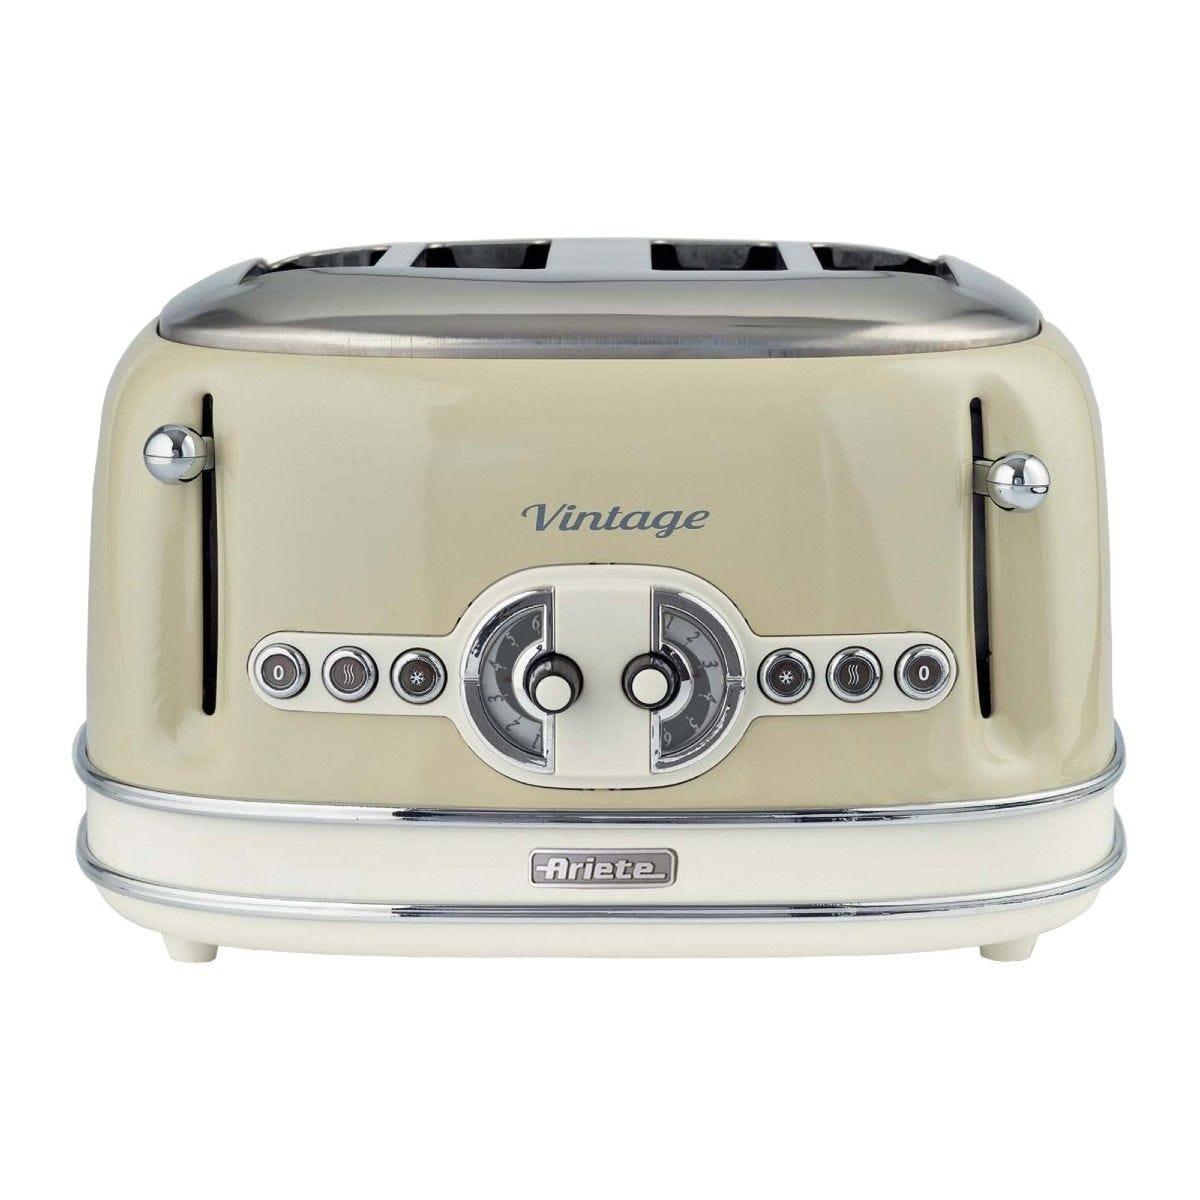 Ariette AR5603 Vintage 4-Slice Toaster - Cream